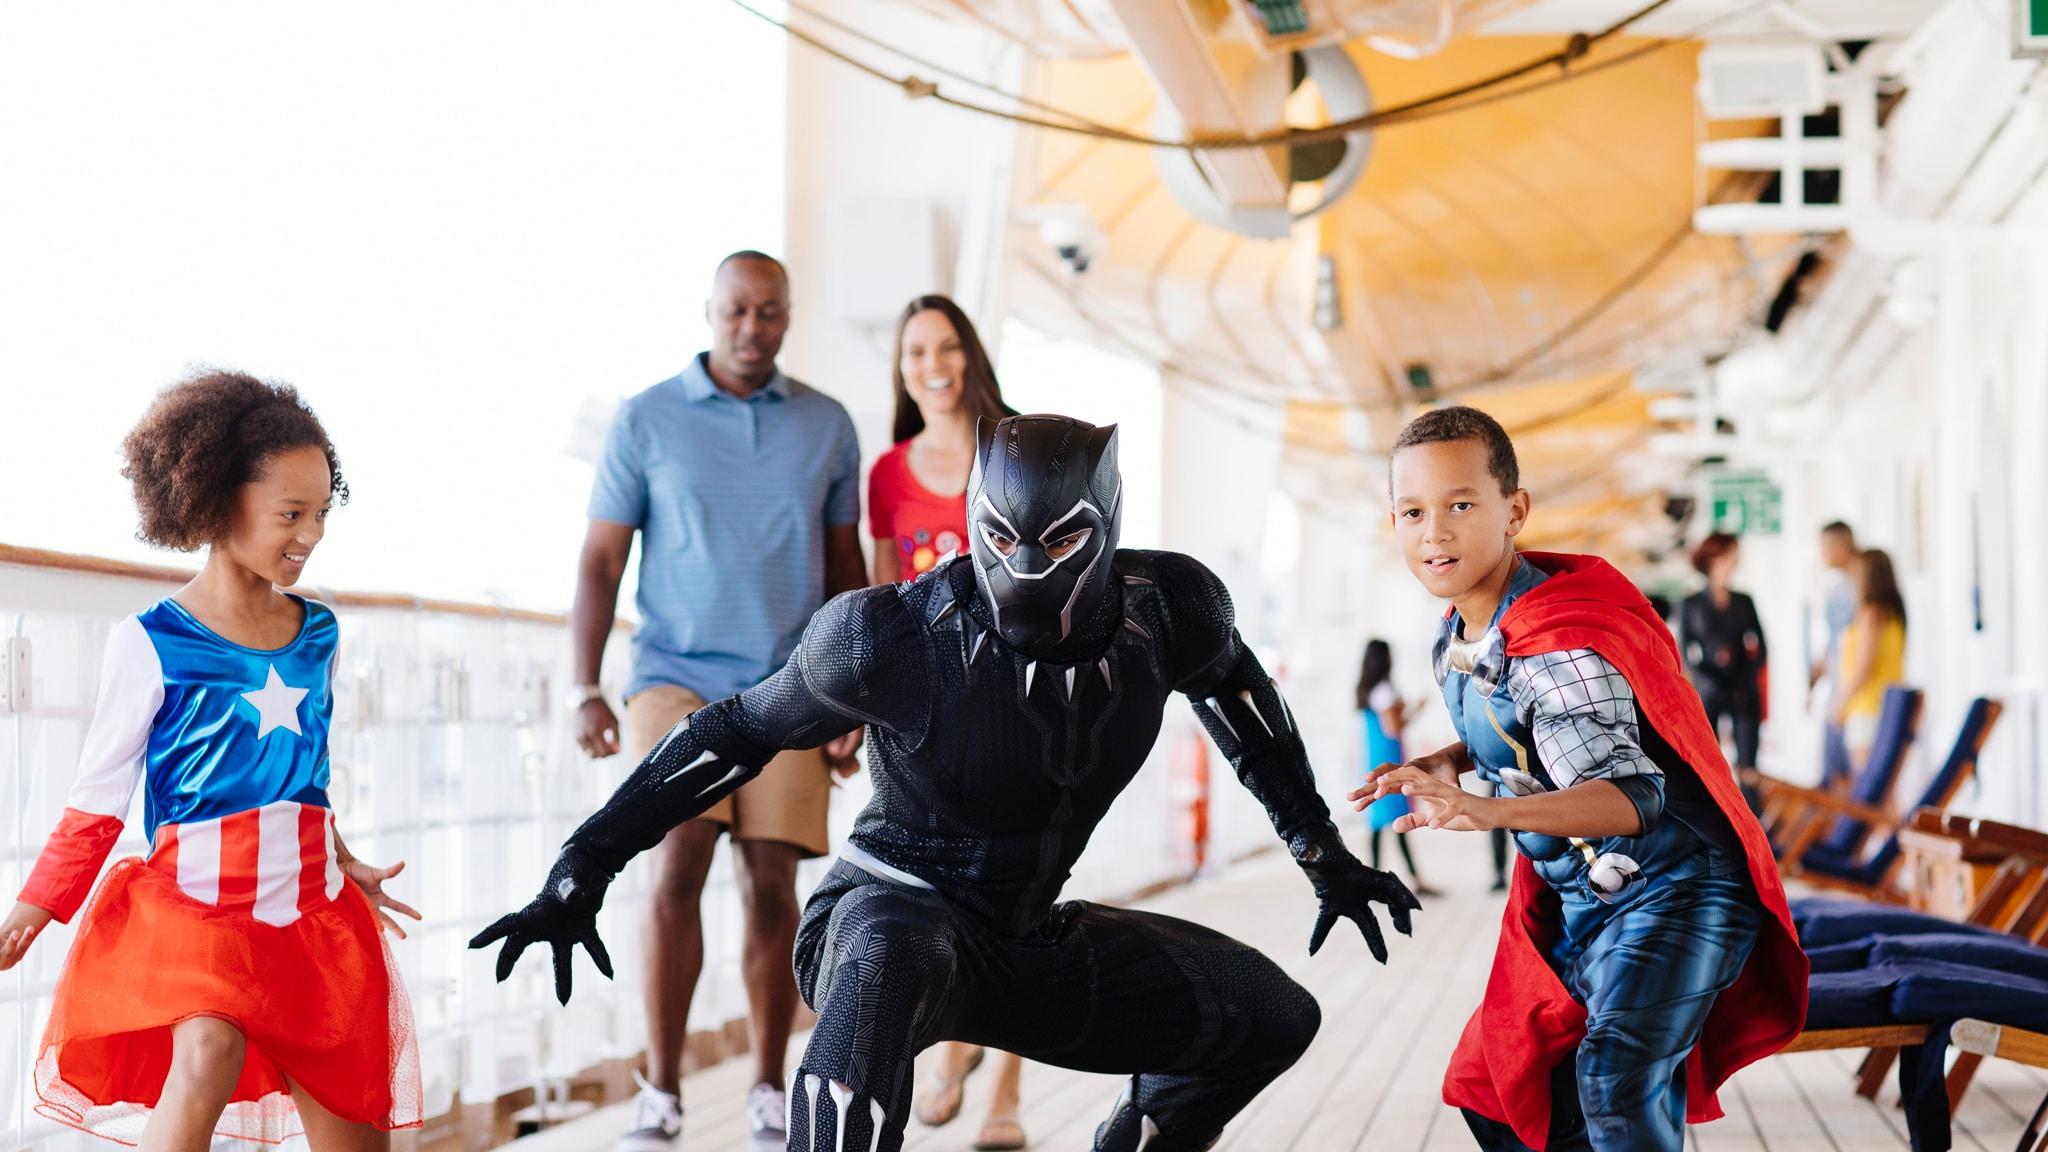 Pantera Negra se agacha, pronto para a ação, enquanto 2 crianças imitam sua pose em um Cruzeiro Disney